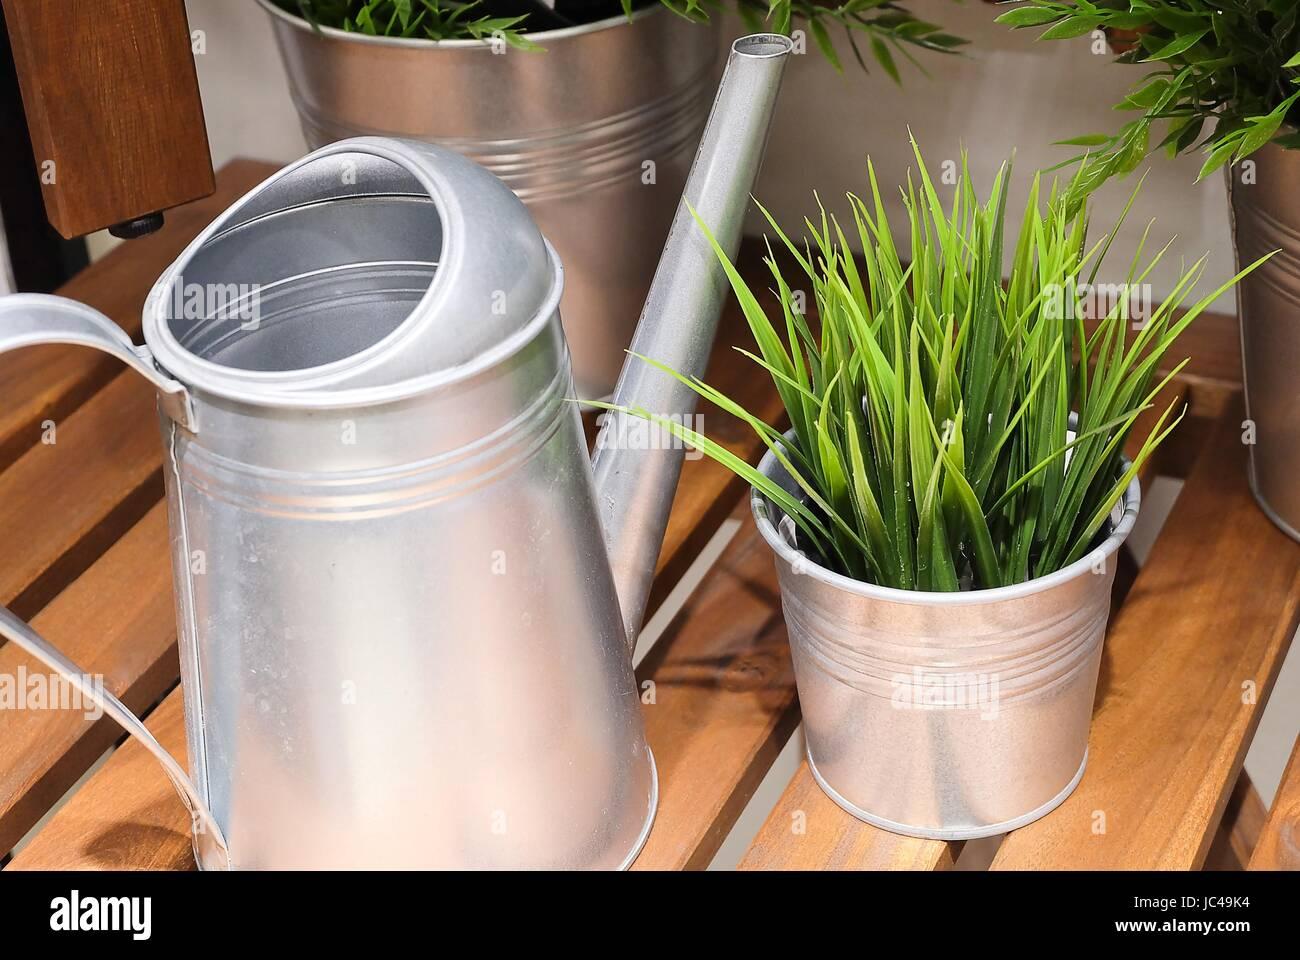 Arrosage Pour Plantes En Pot arrosoir ou d'arrosage des plantes vertes en pot, l'arrosage